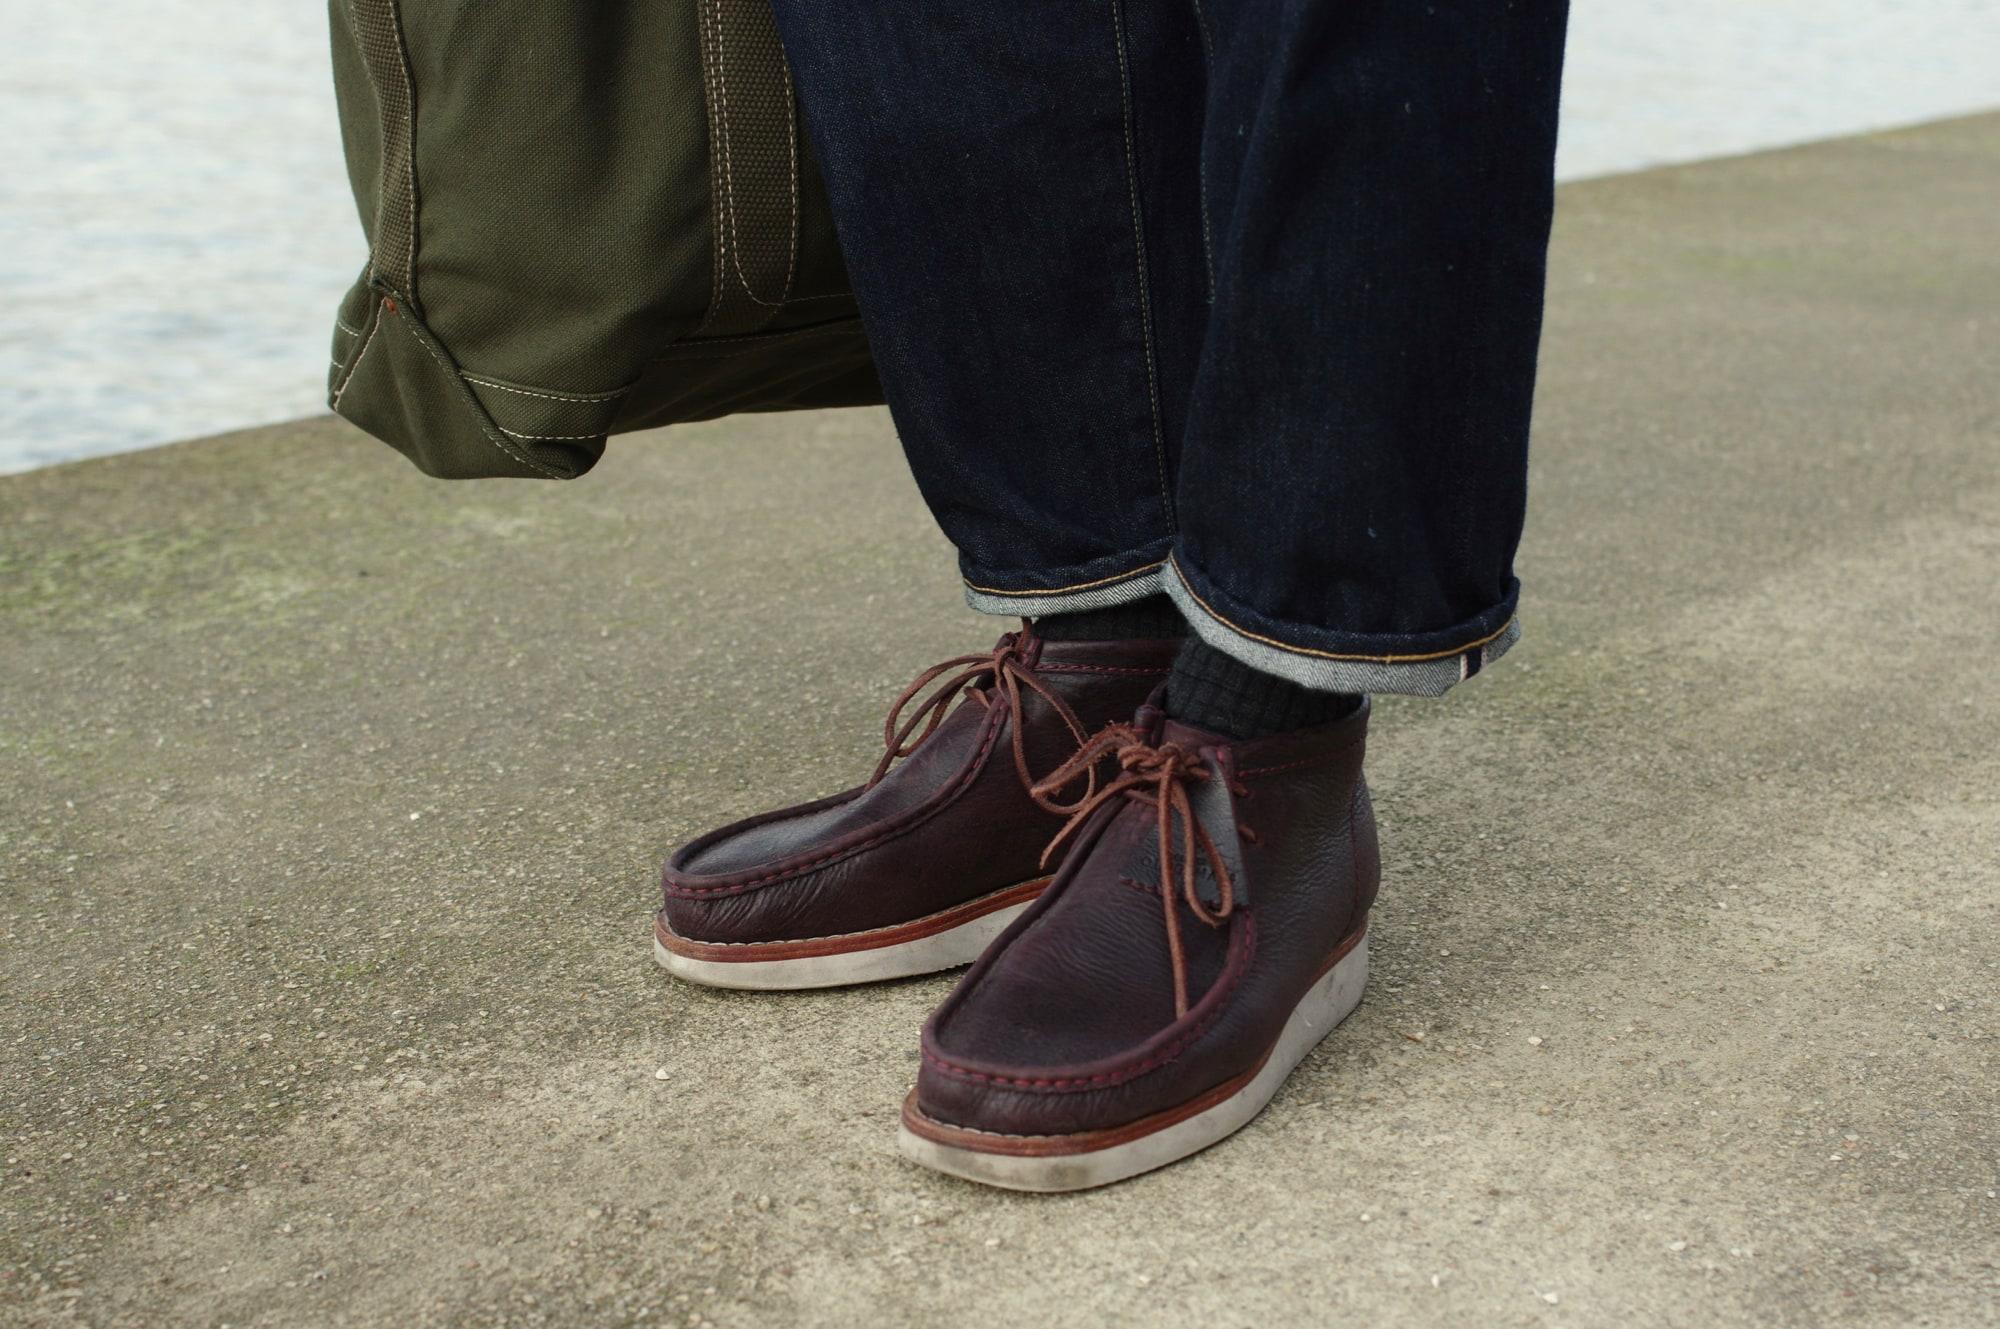 comment porter des clarks wallabee hike boots dans un style masculin homme conseil